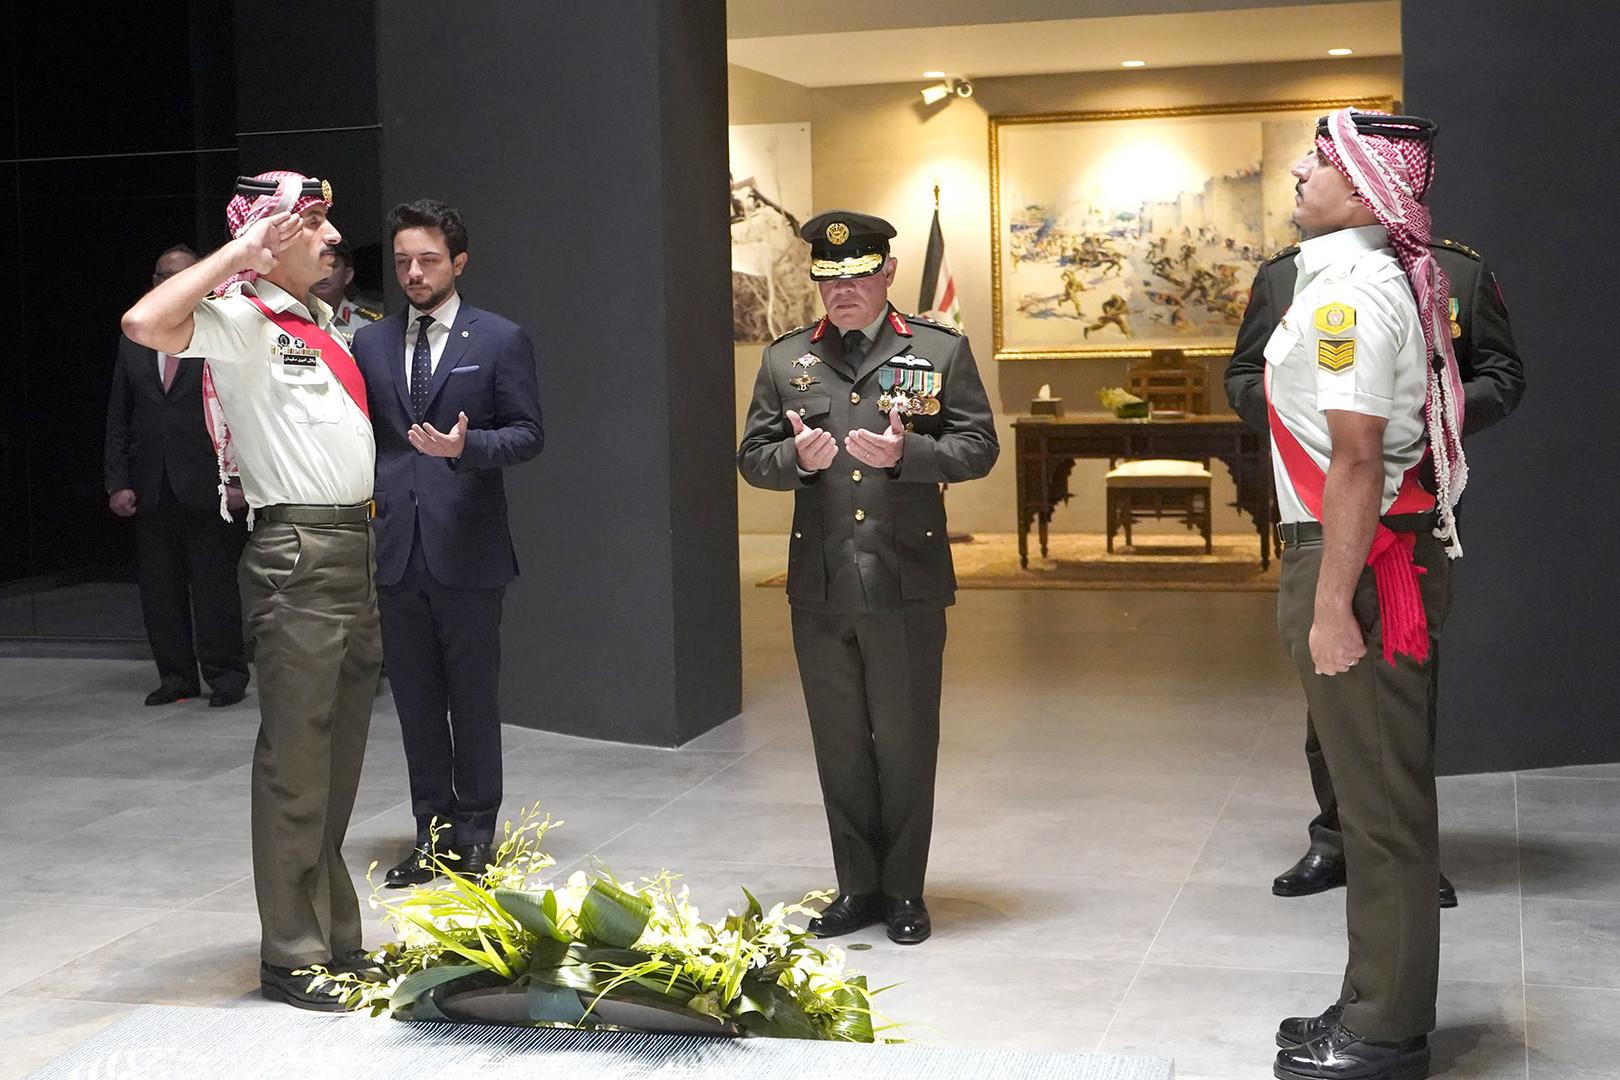 الملك عبد الله الثاني يهنئ شعبه بذكرى الثورة العربية الكبرى